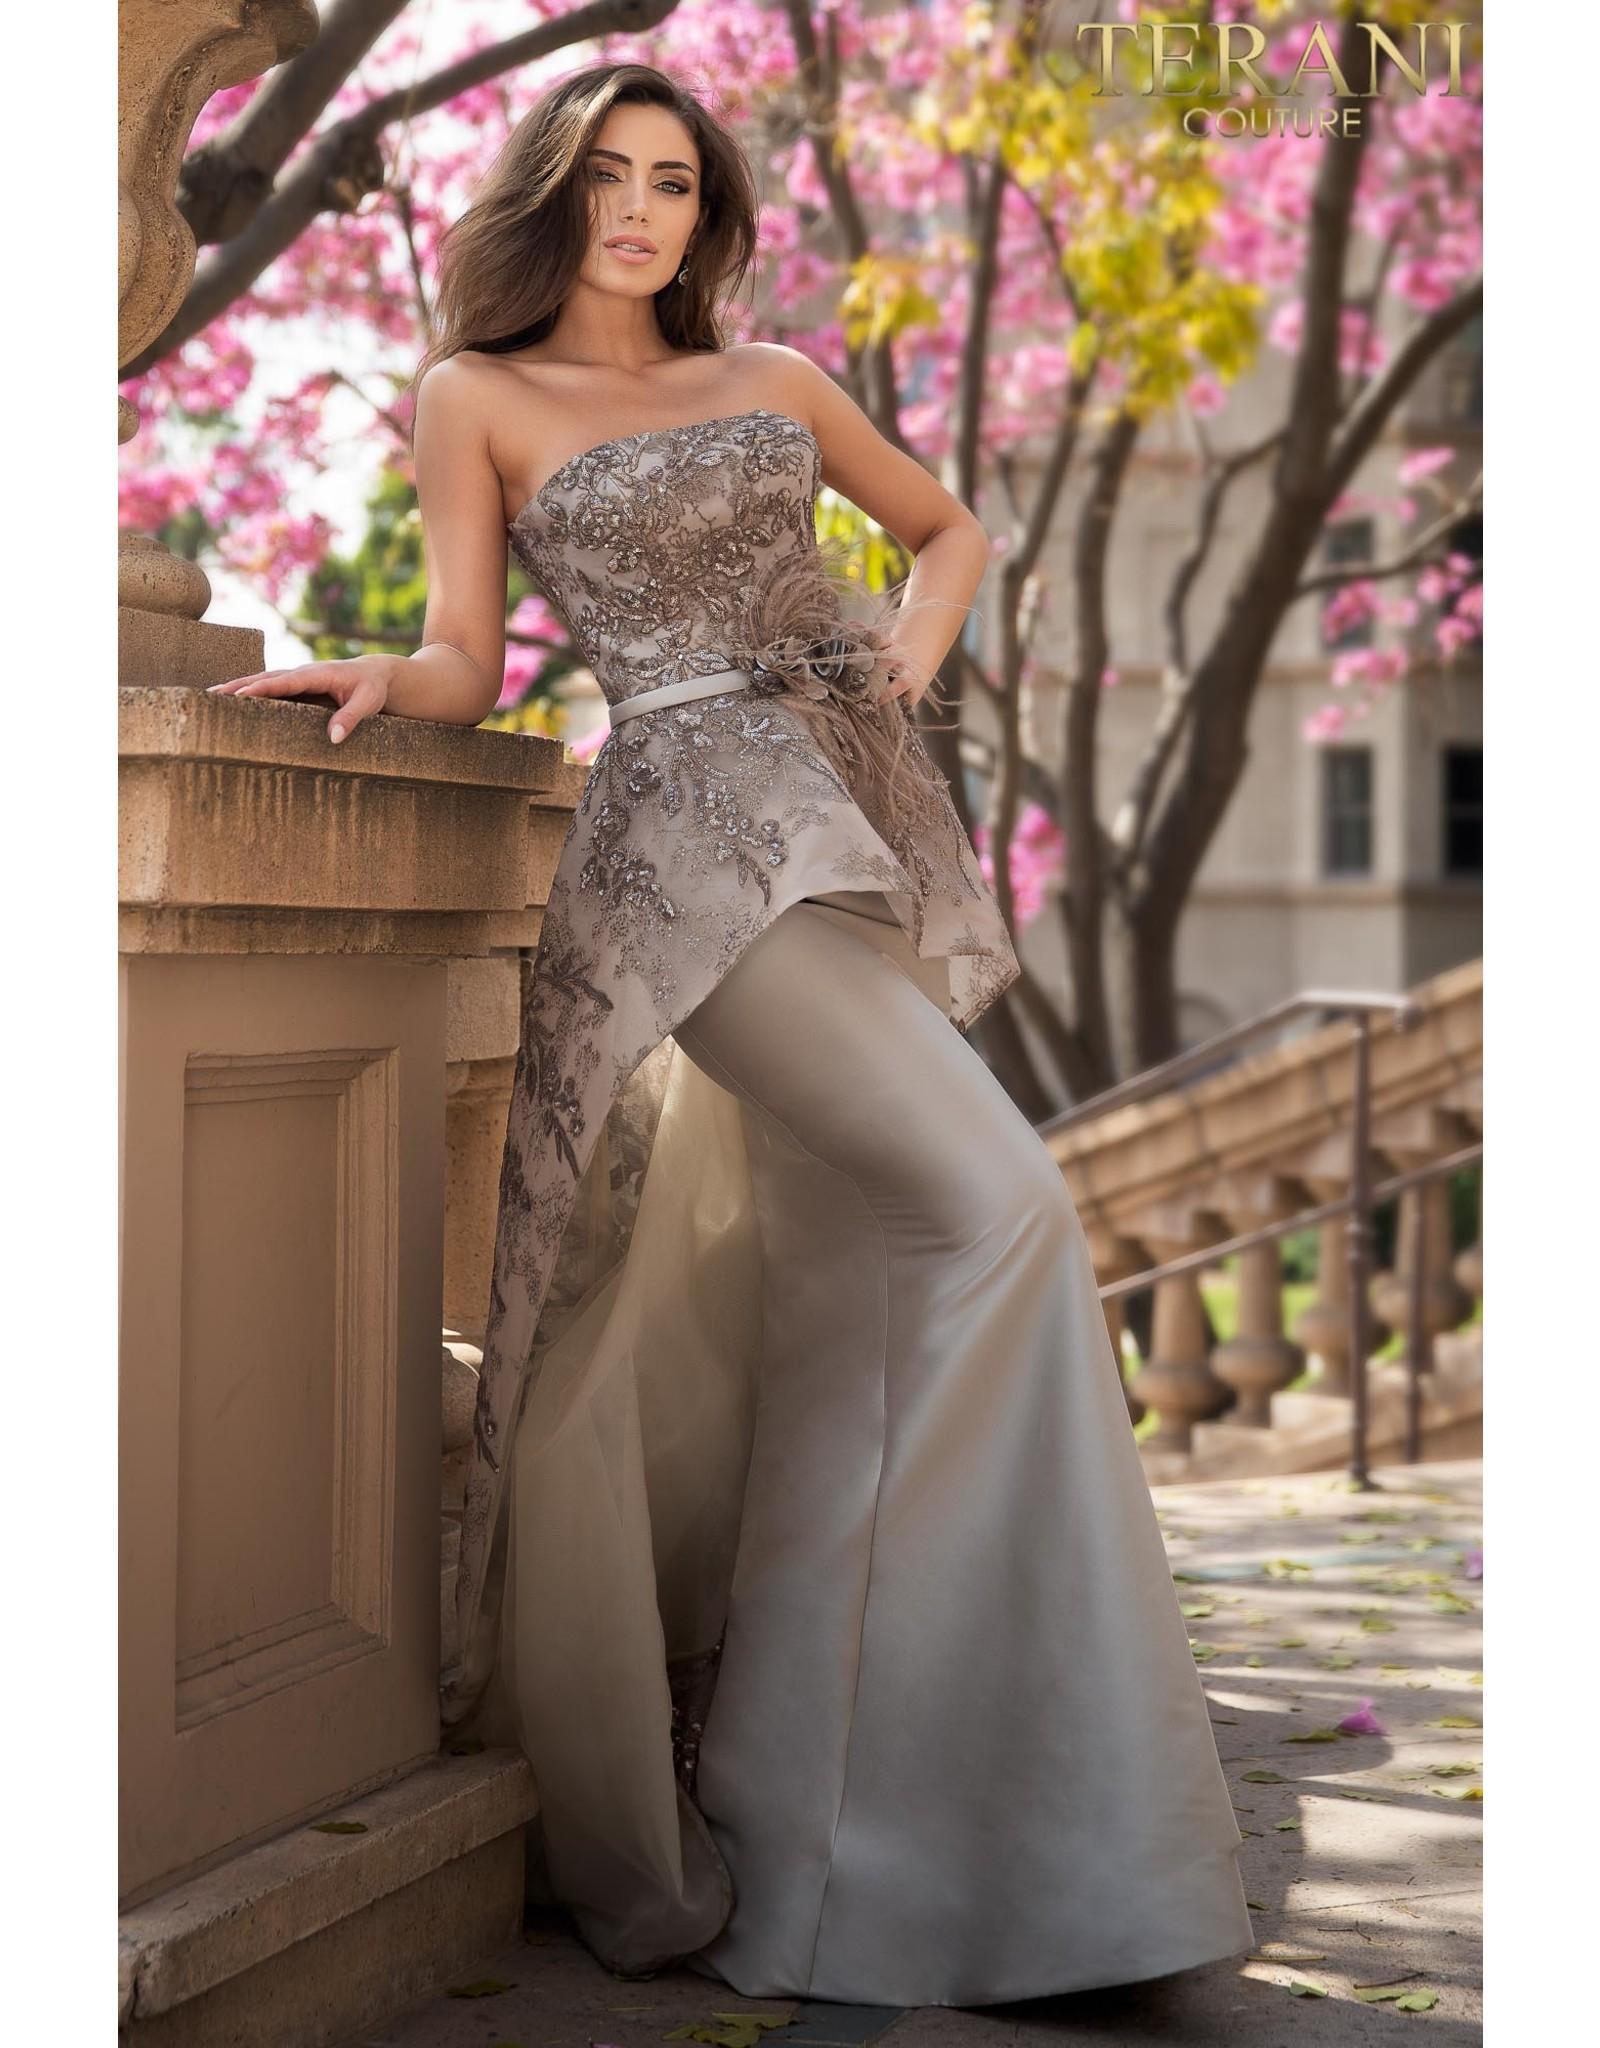 Terani 2021E2865 Terani Dresses